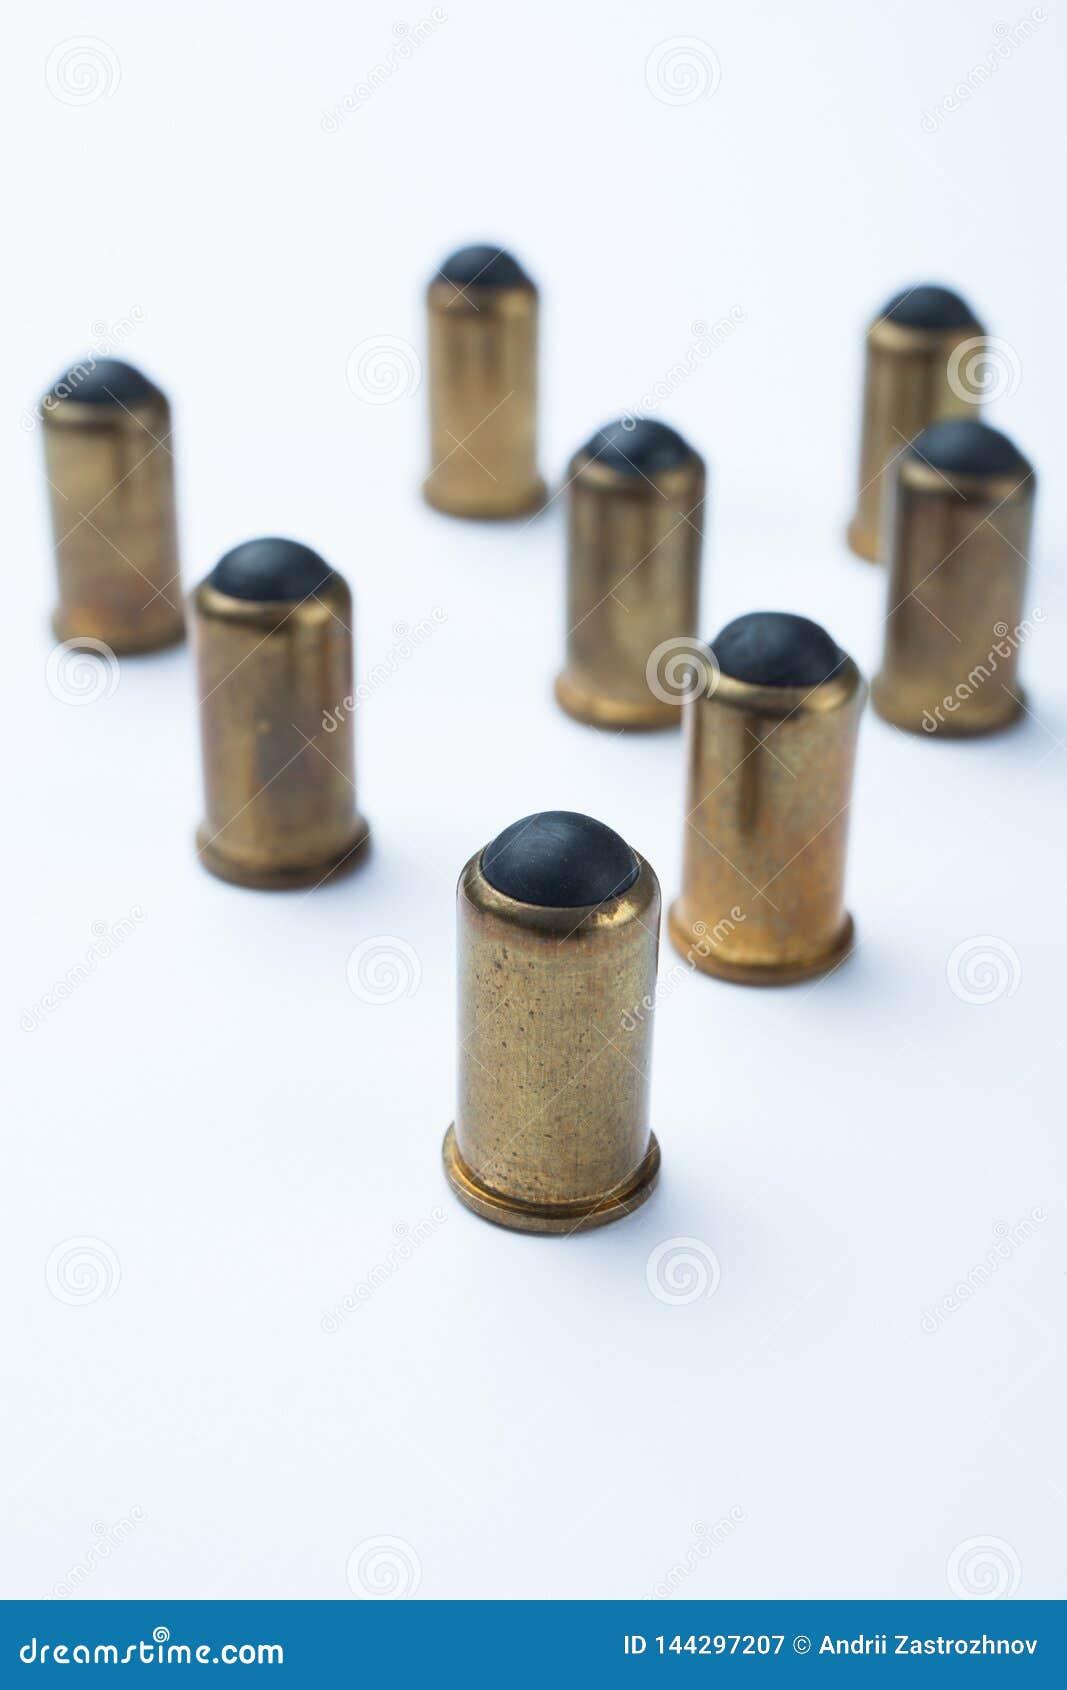 Παλαιές λαστιχένιες σφαίρες σε ένα άσπρο υπόβαθρο, εκλεκτική εστίαση